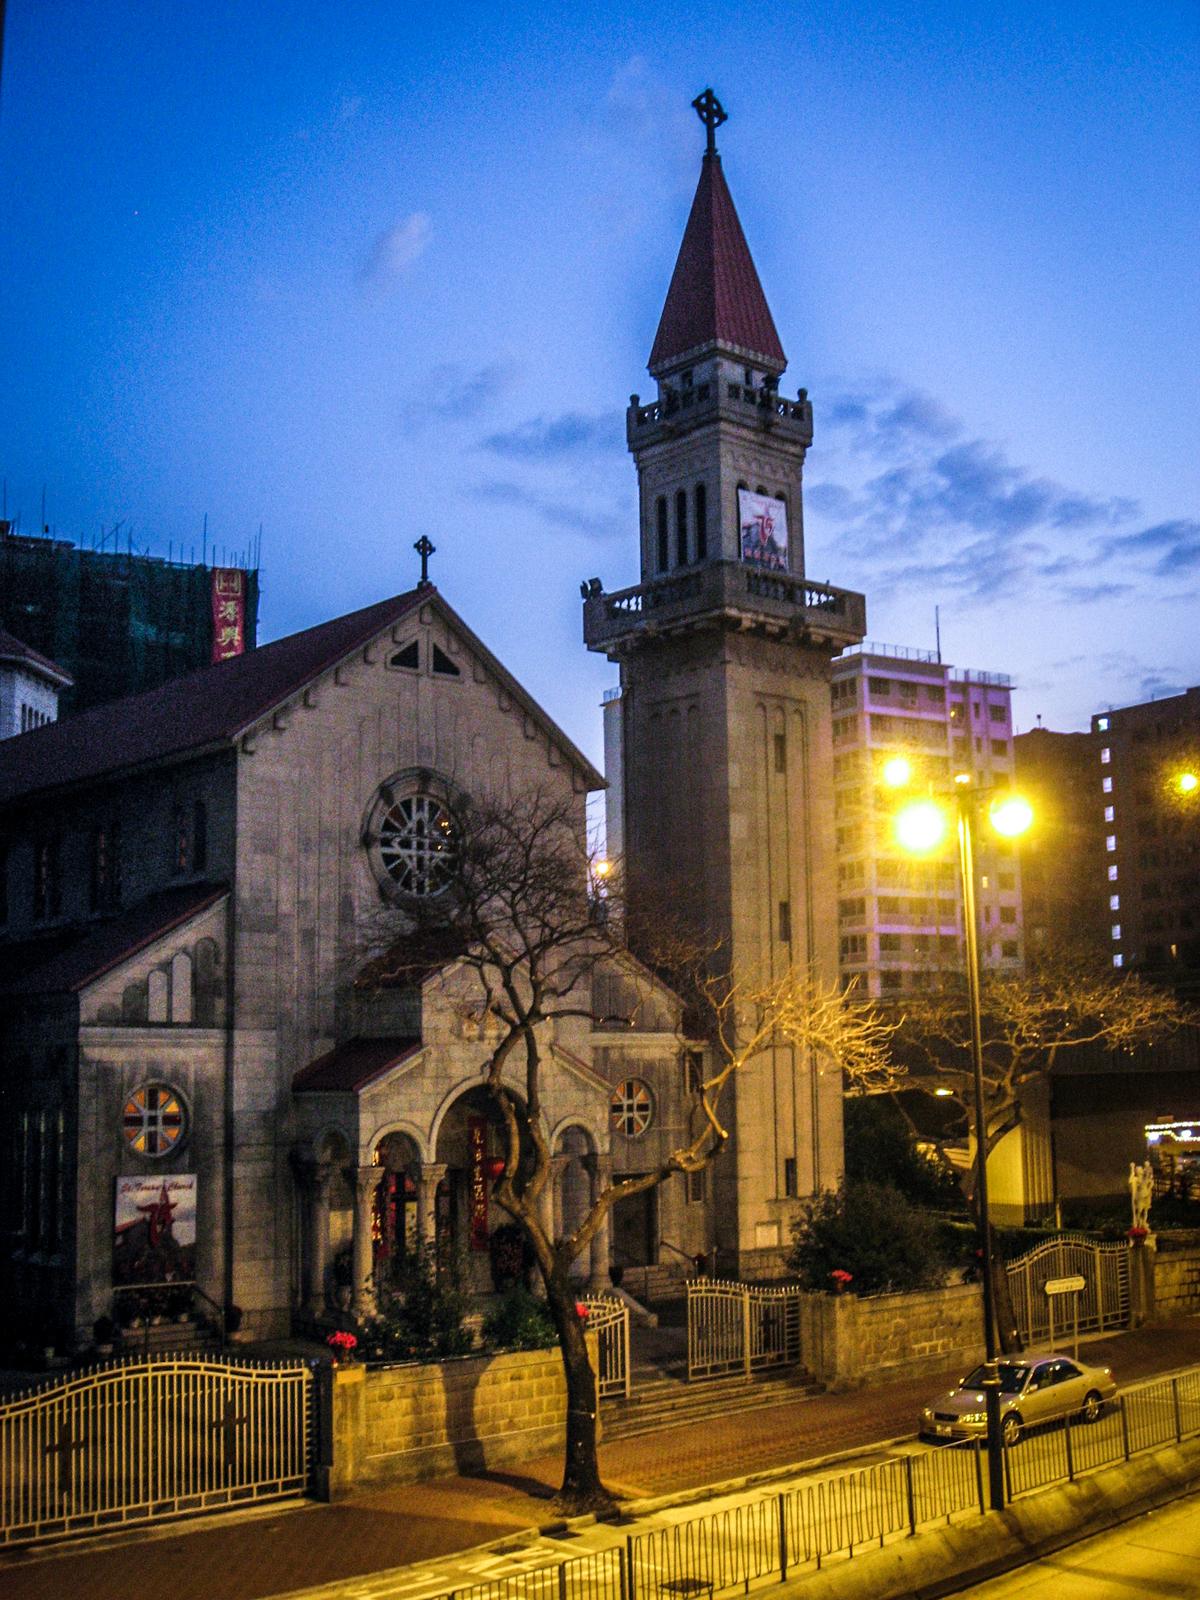 St. Teresa | Kowloon, Hong Kong | stepping into church, one at a time